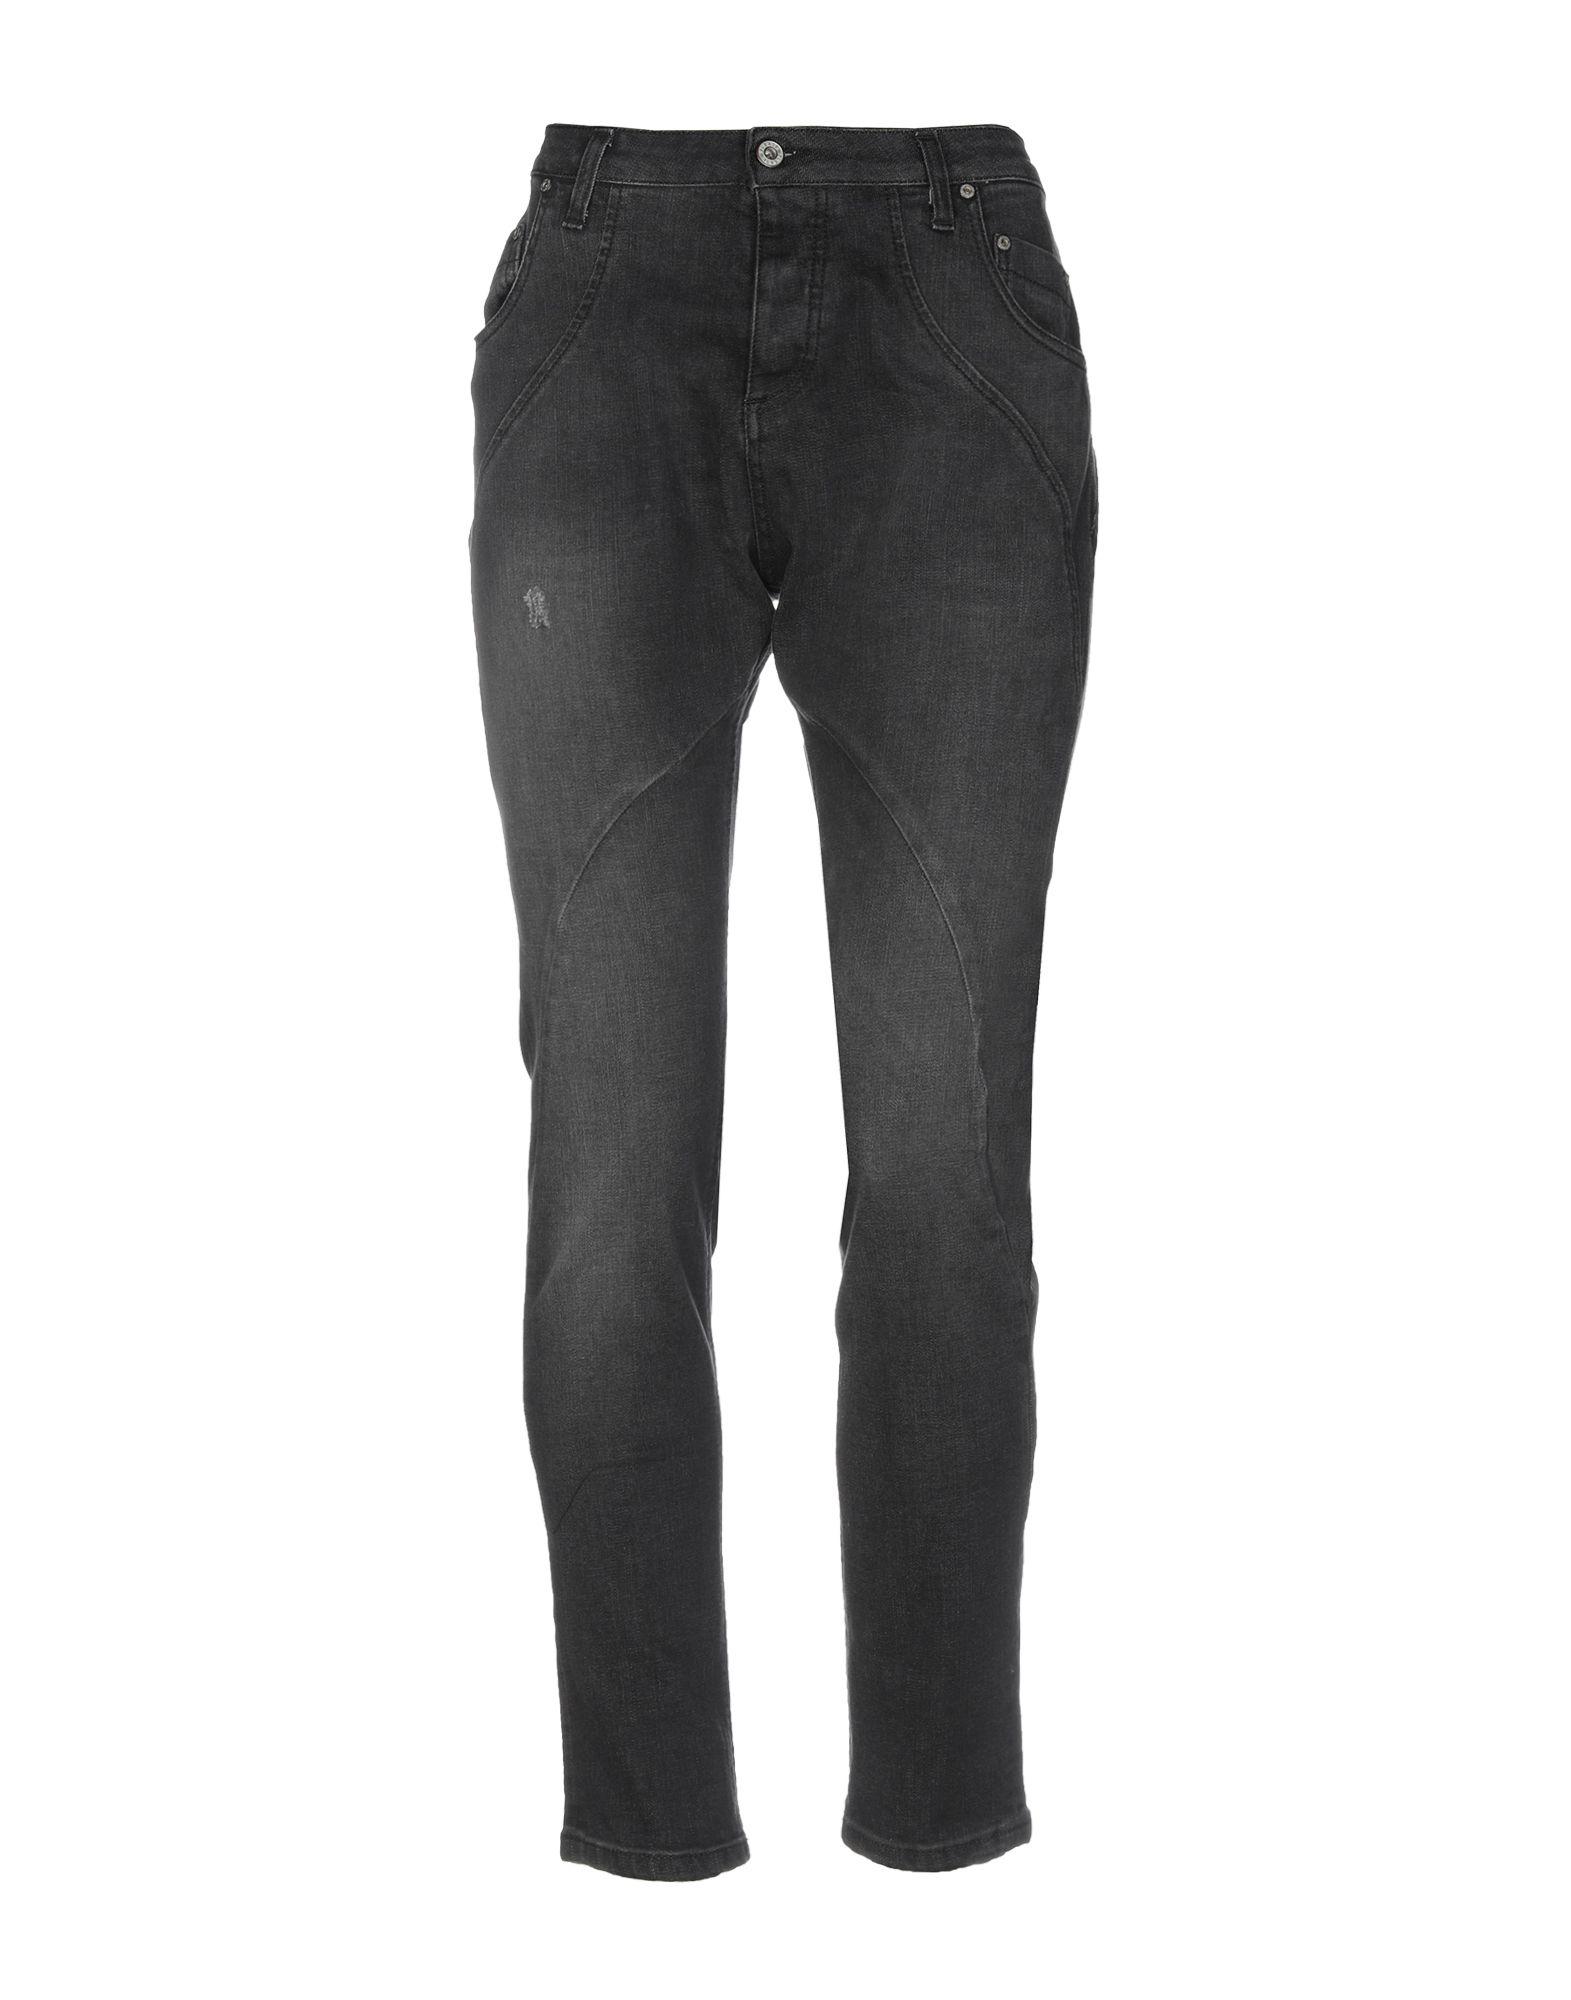 Pantaloni Pantaloni Jeans Please donna - 42702885TQ  Sparen Sie 60% Rabatt und schneller Versand weltweit